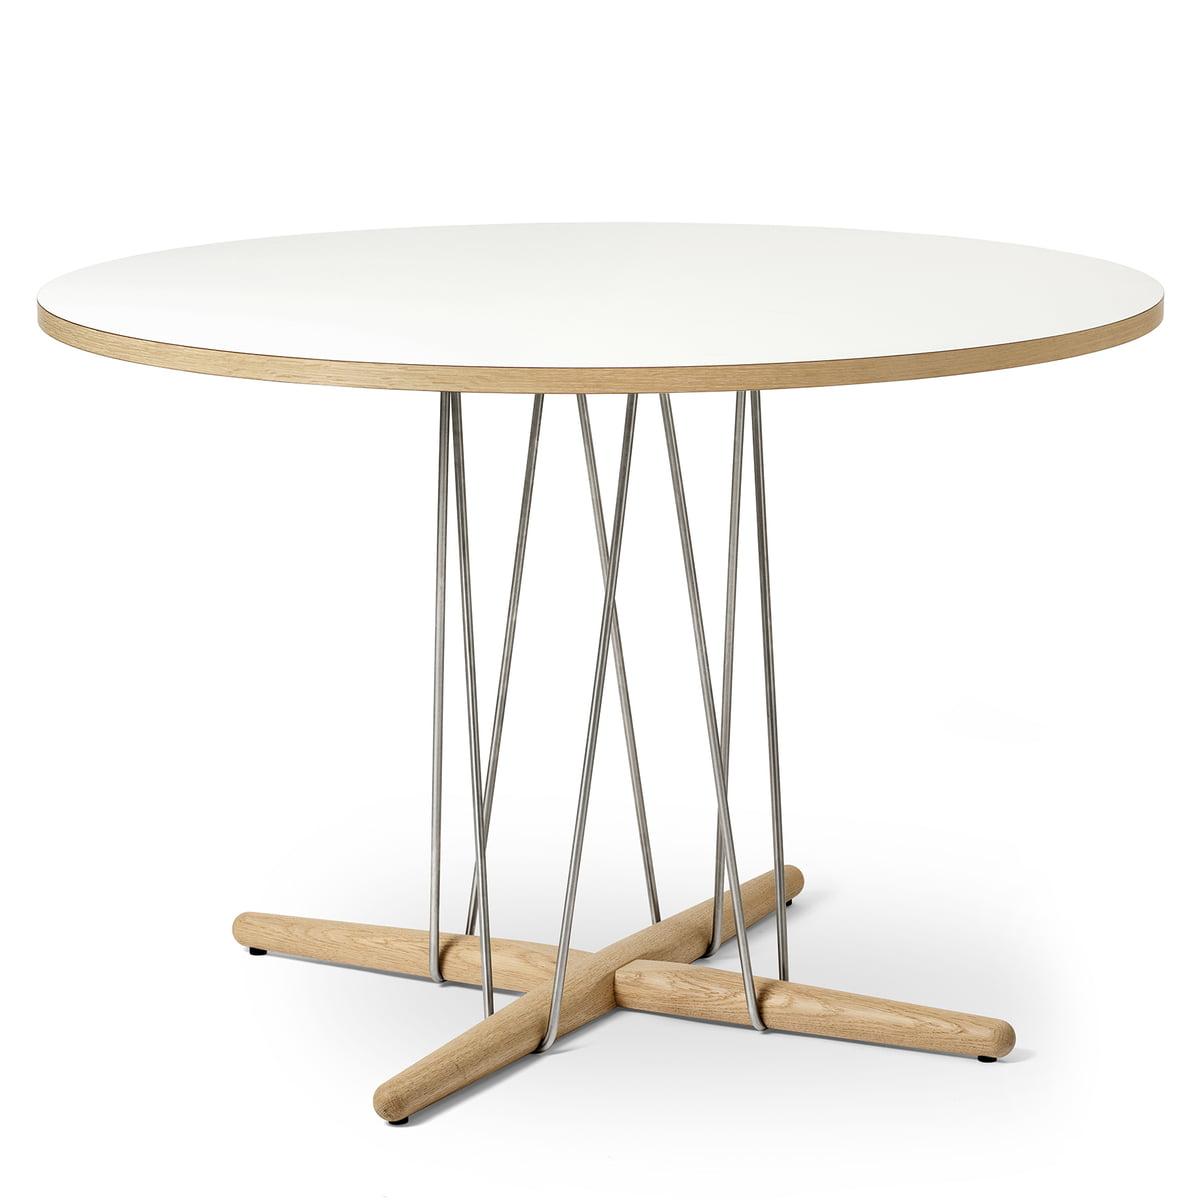 Tisch 110 Cm.Carl Hansen E020 Embrace Tisch ø 110 Cm Eiche Weiß Geölt Laminat Weiß Stahl Verchromt